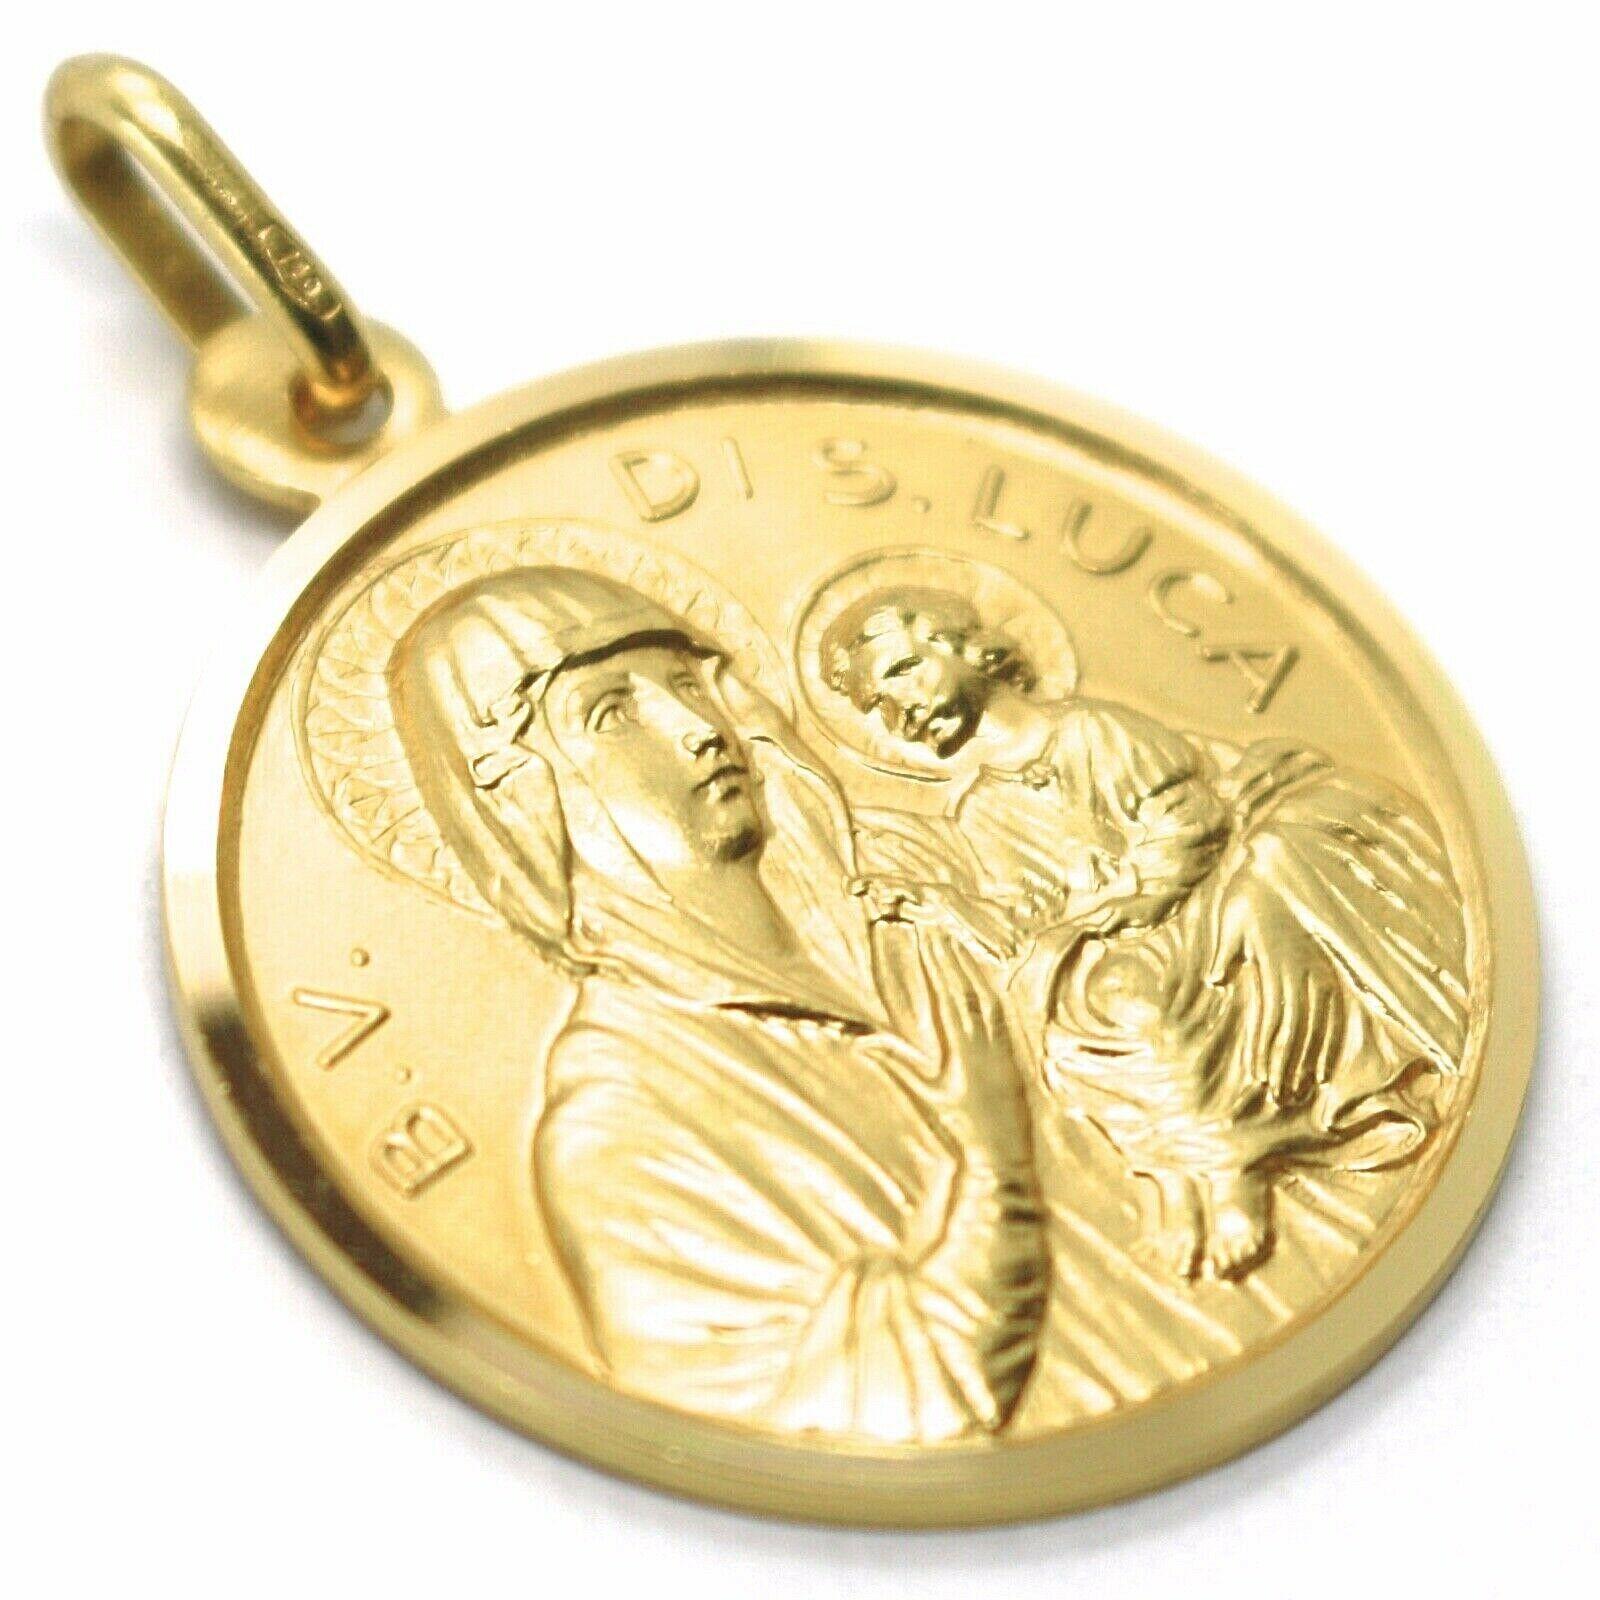 SOLID 18K YELLOW GOLD MEDAL, BLESSED VIRGIN OF SAINT LUCA LUKE, 21 mm DIAMETER